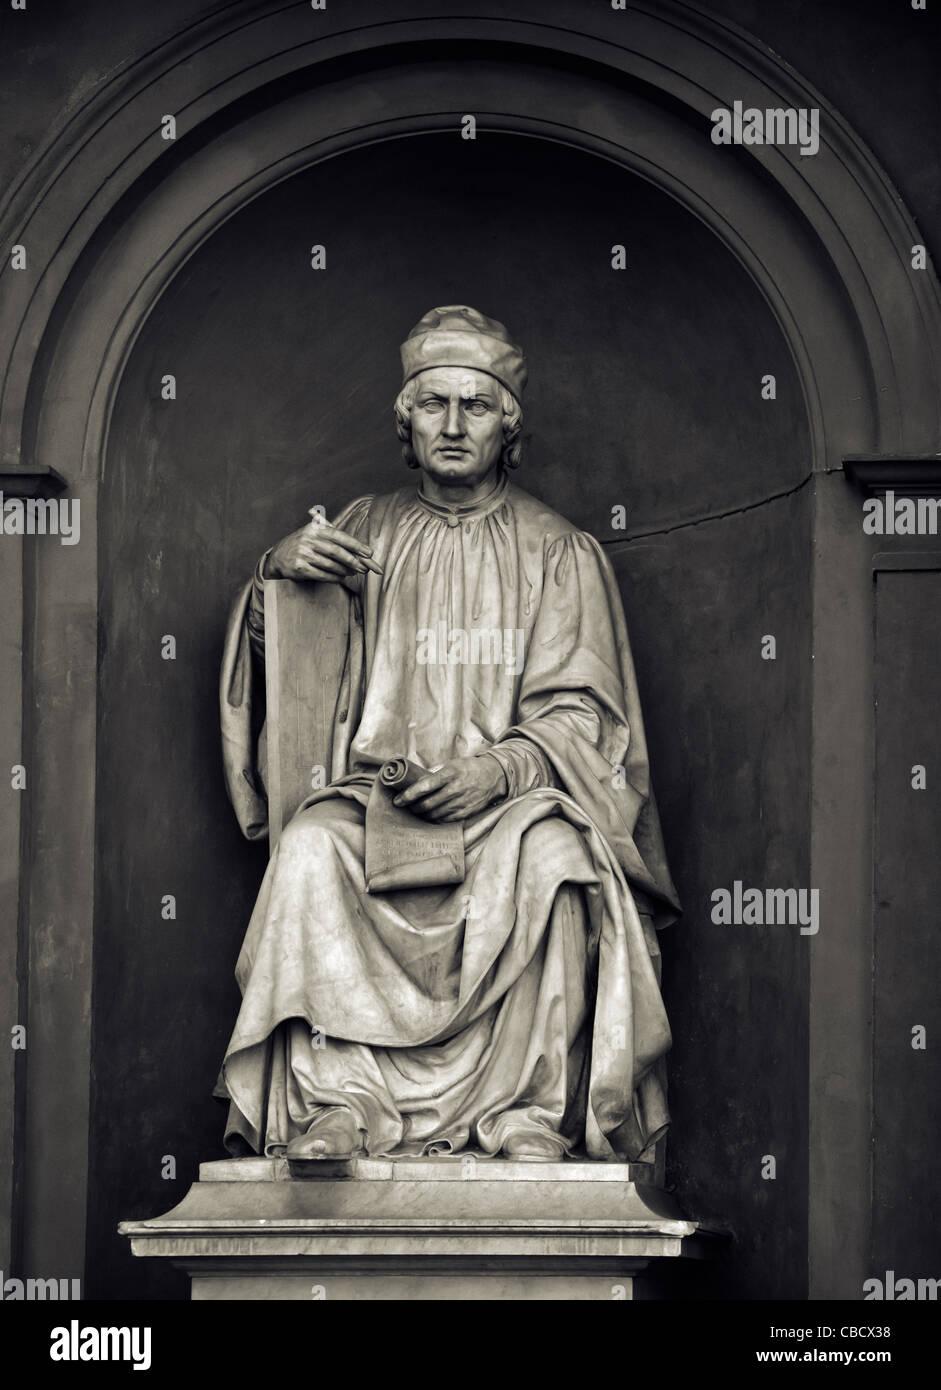 Statua di Arnolfo di Cambio di Luigi Pampaloni, al di fuori della Galleria degli Uffizi di Firenze (Italia). Foto Stock